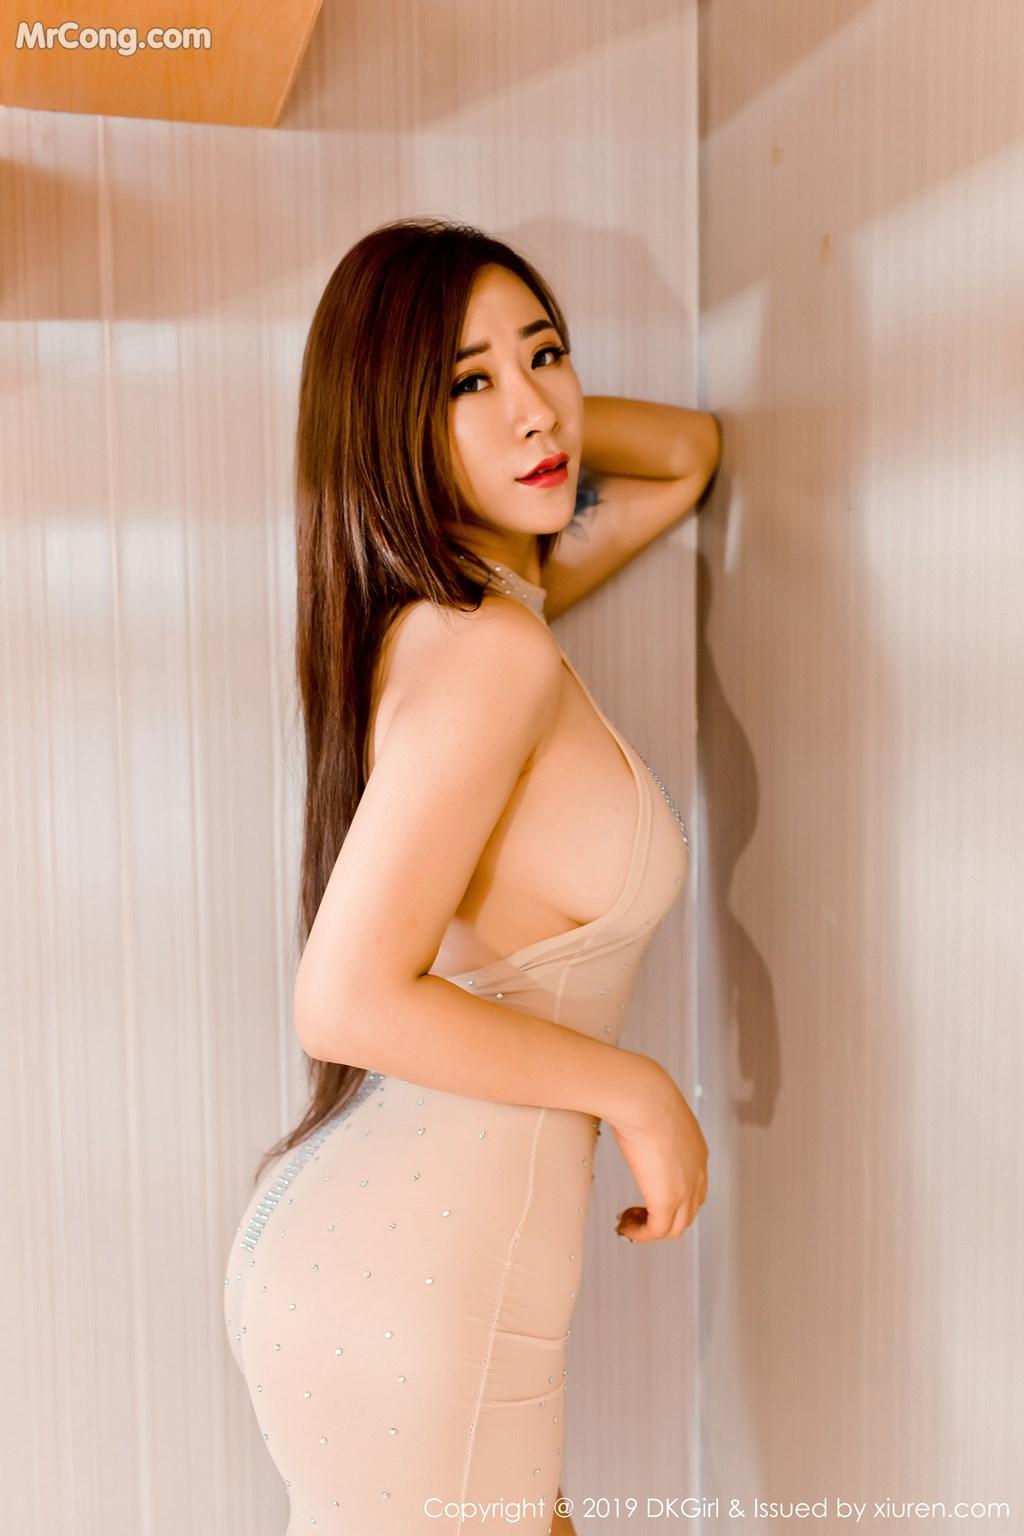 Image DKGirl-Vol.109-Cier-MrCong.com-004 in post DKGirl Vol.109: 雪儿Cier (49 ảnh)